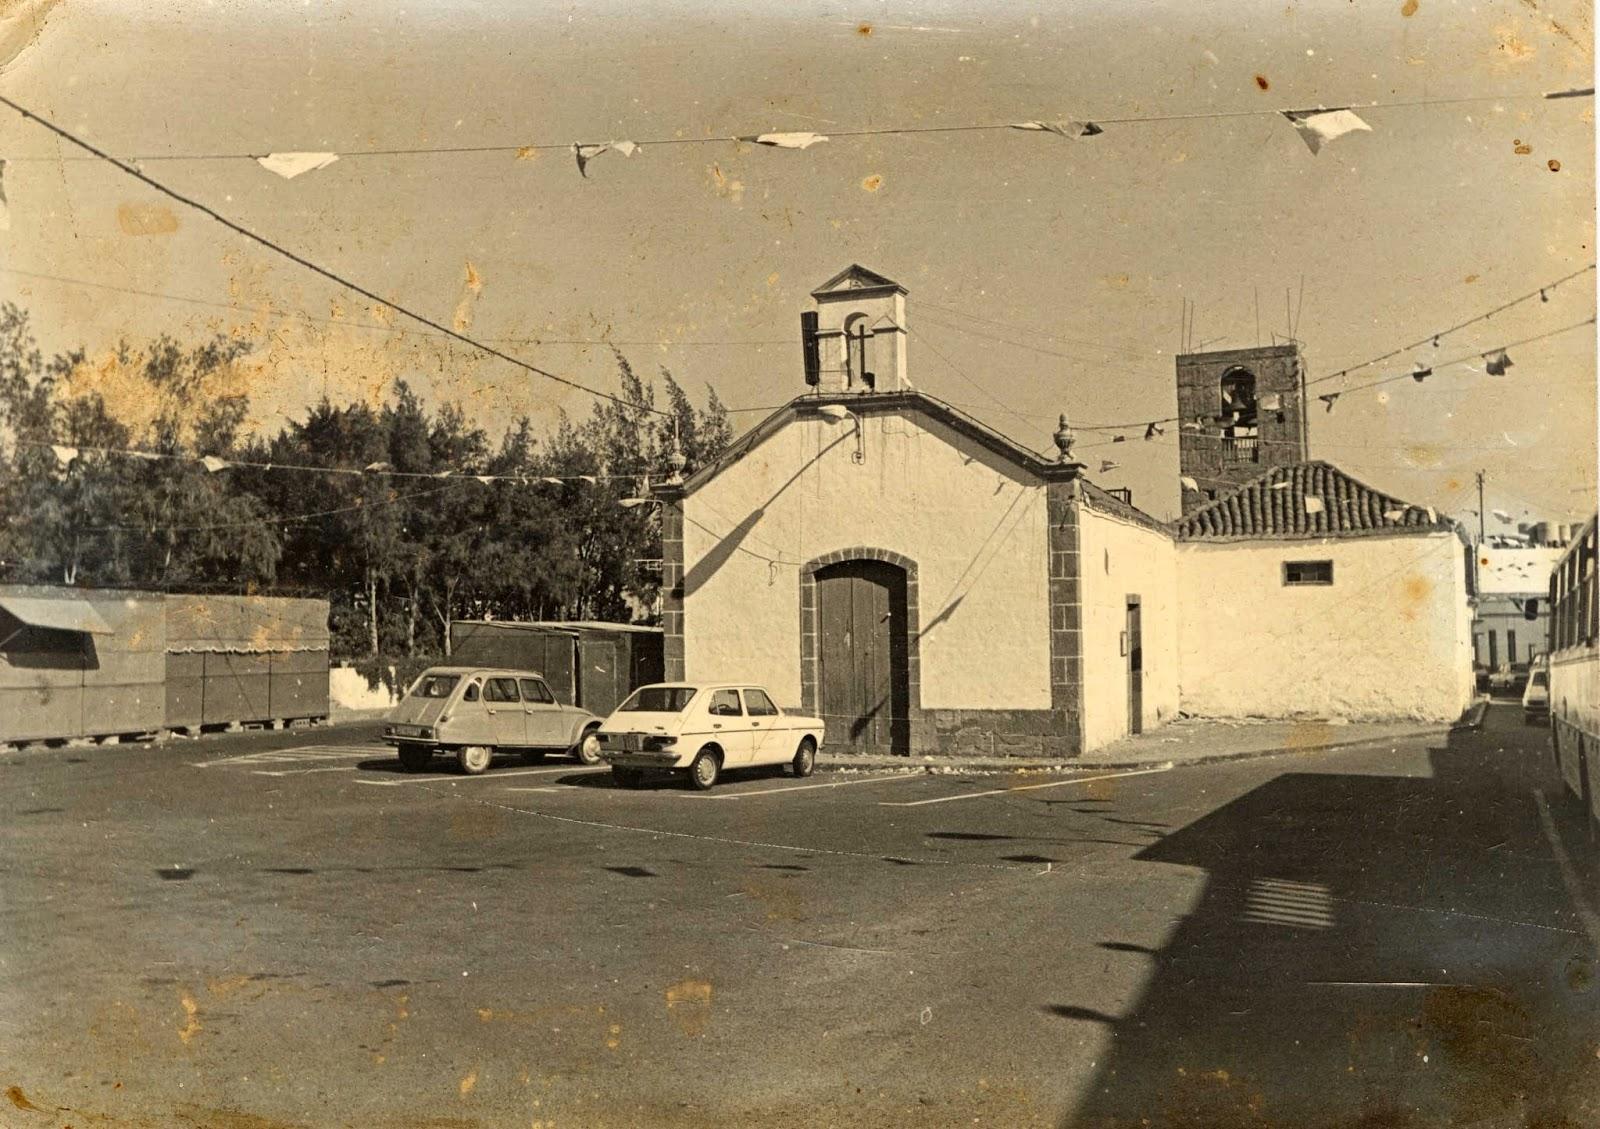 Imagen nº 15804, propiedad de LA FEDAC/CABILDO DE GRAN CANARIA. Realizada en el año 1981. Fotógrafo sin identificar.